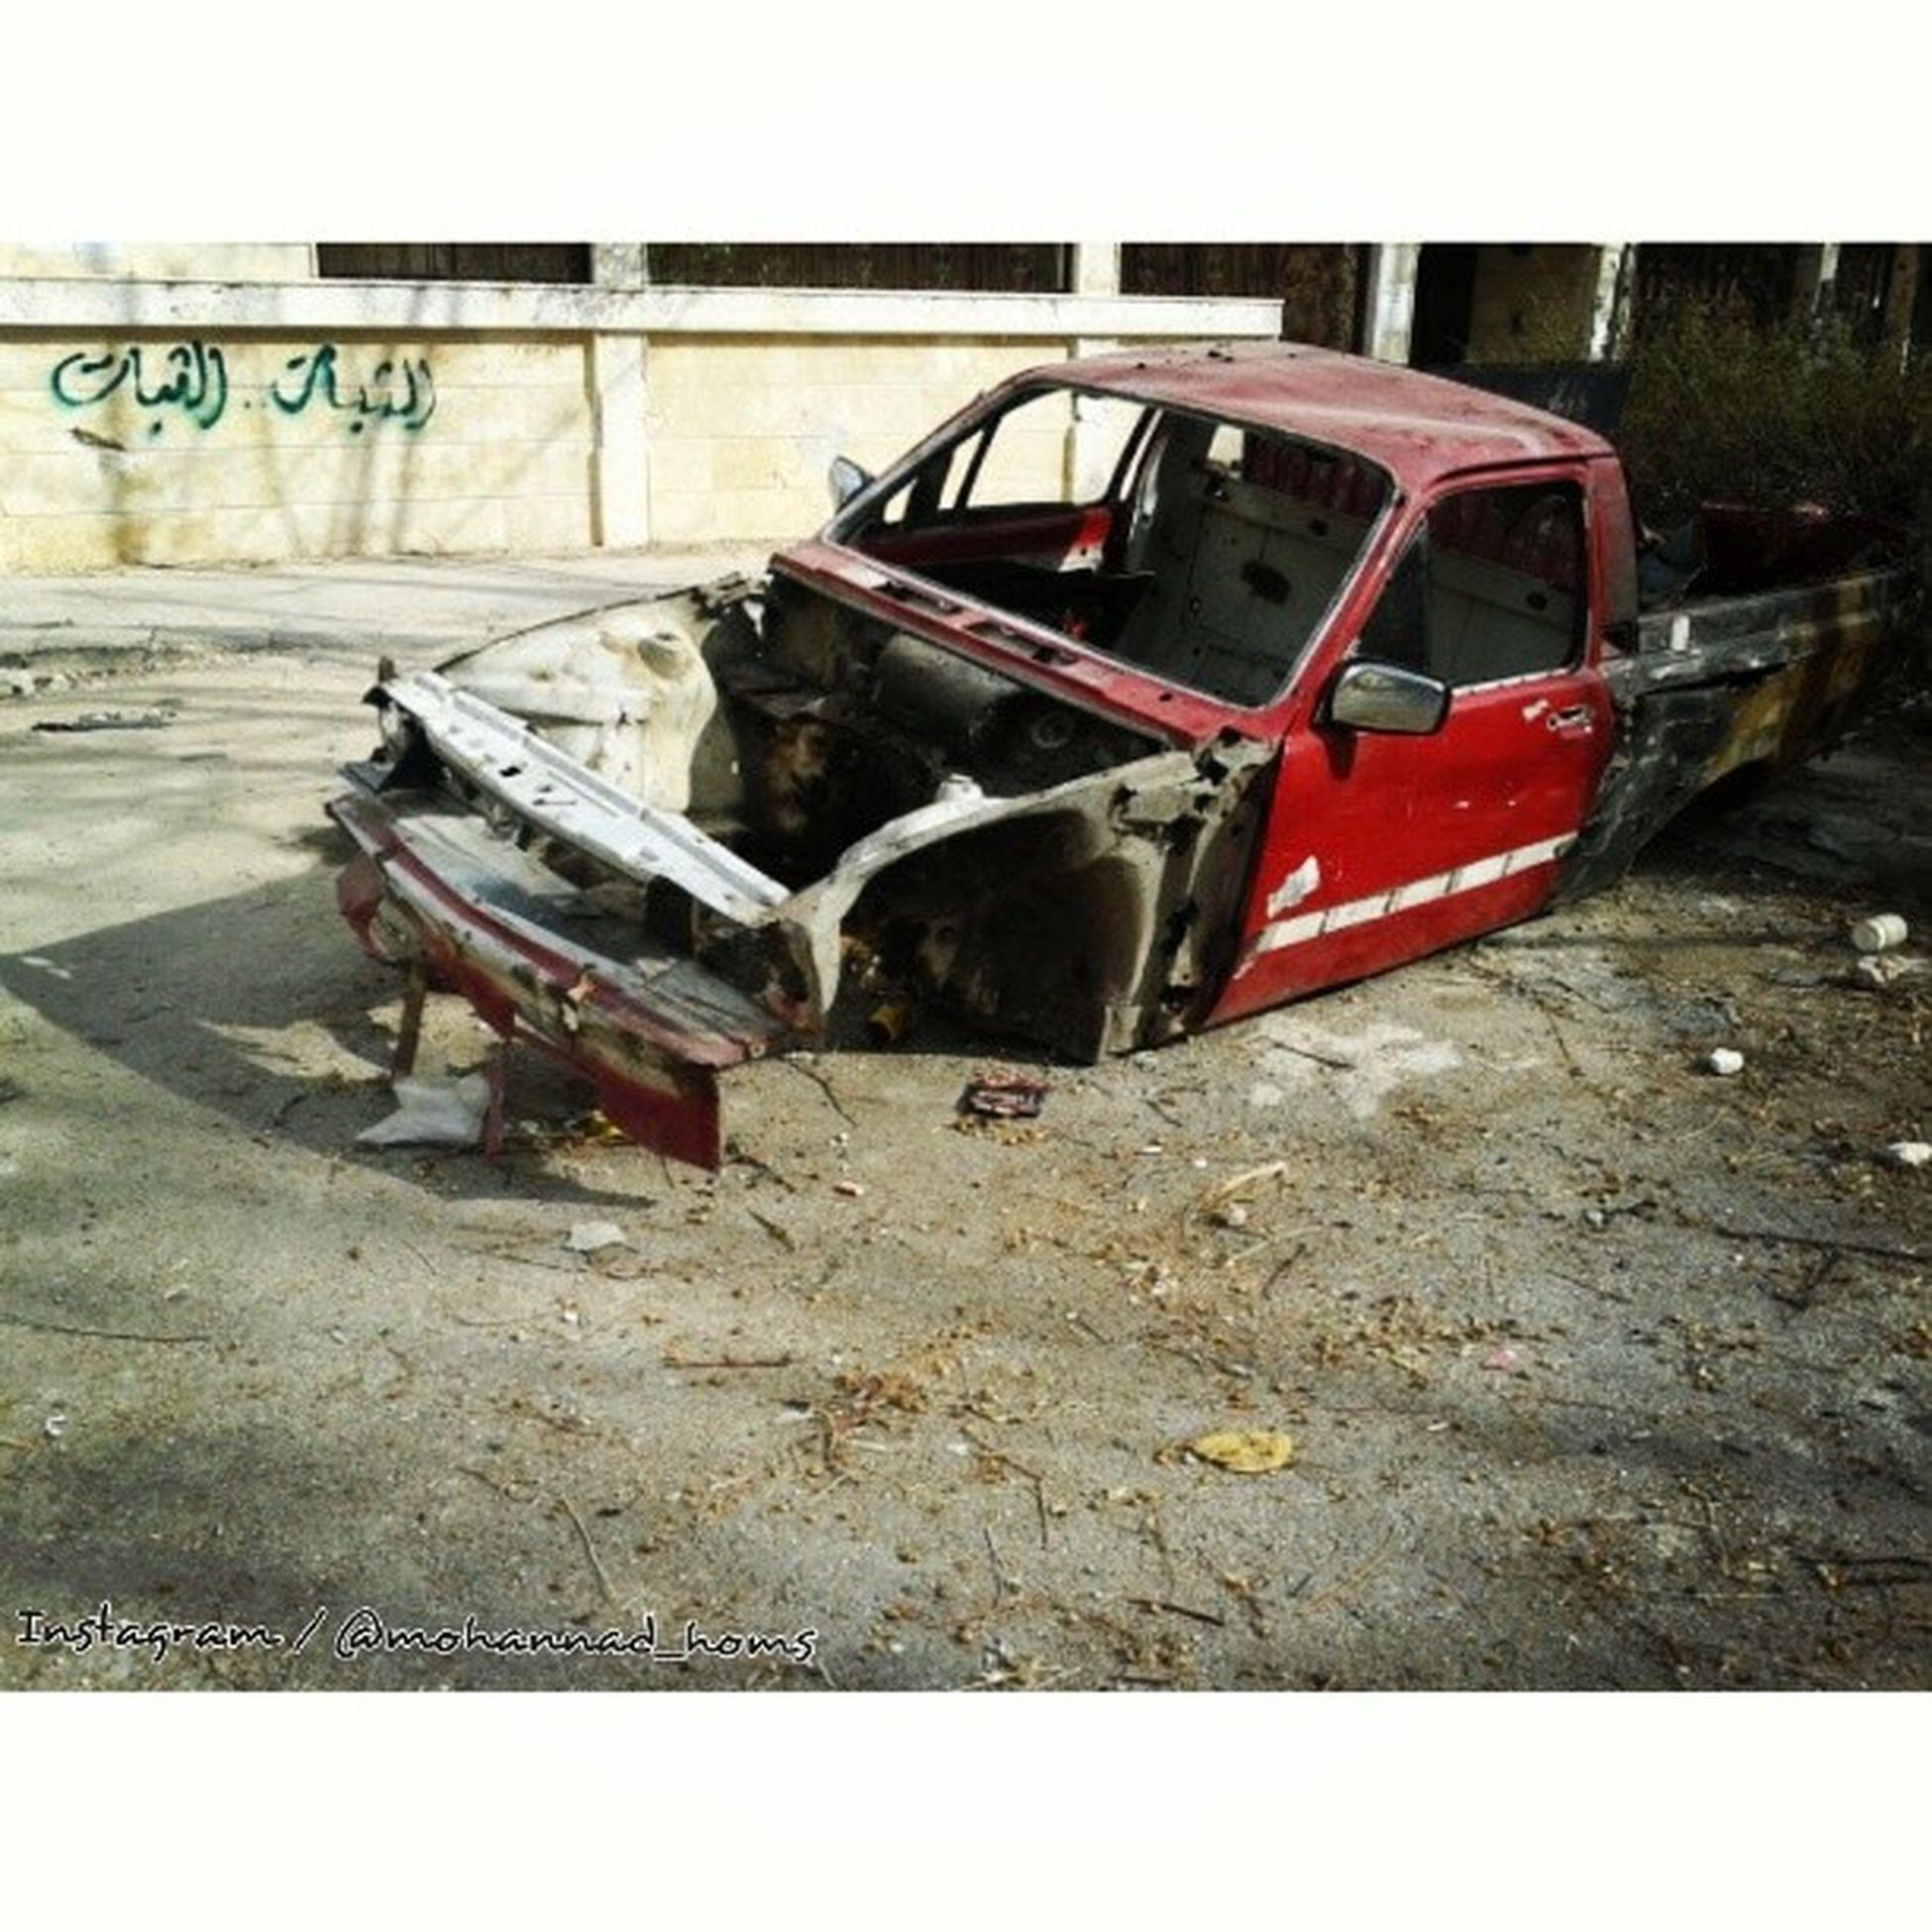 هنا_حمص .. الثبات .. الثبات حمص